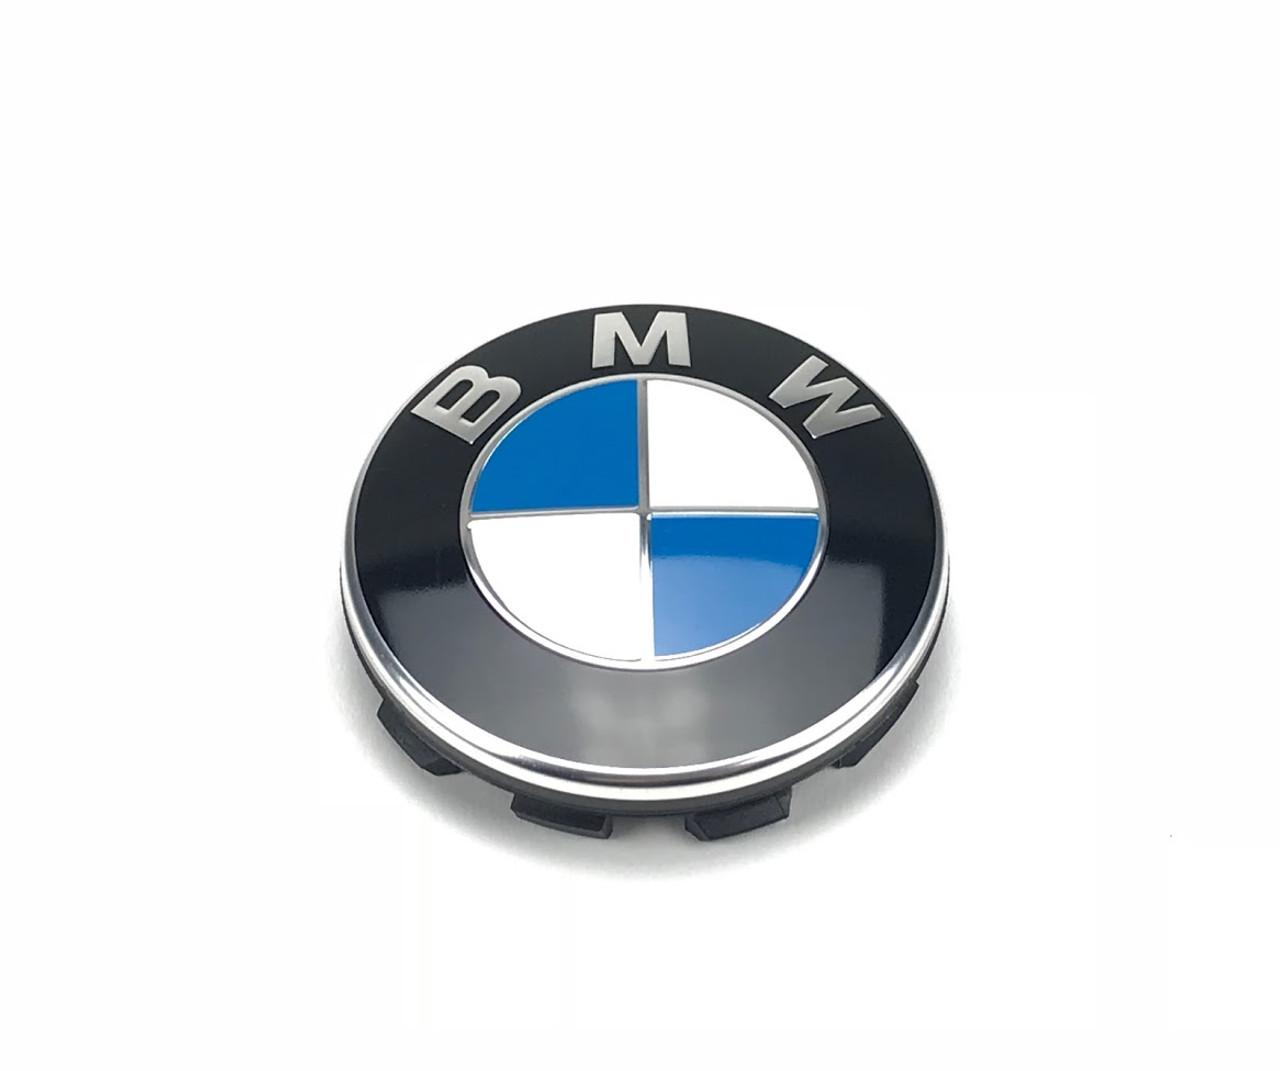 Genuine BMW Wheel Center Cap 68mm 36136783536